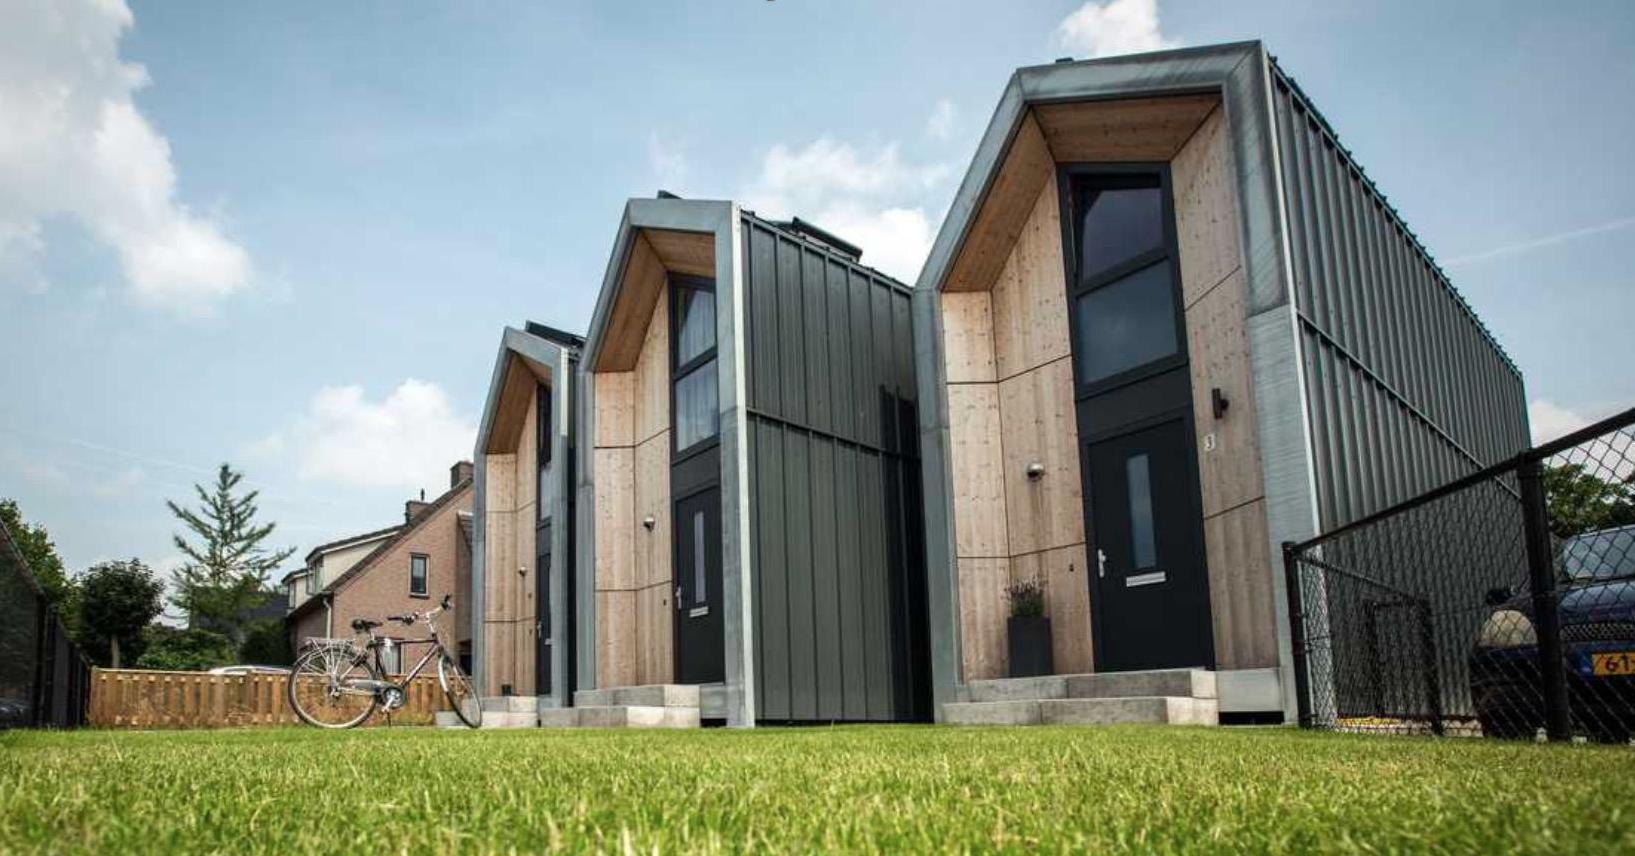 Paul Botman heeft grond, maar geen reactie van gemeente Enkhuizen: 'Hier kunnen wel 100 tiny houses'